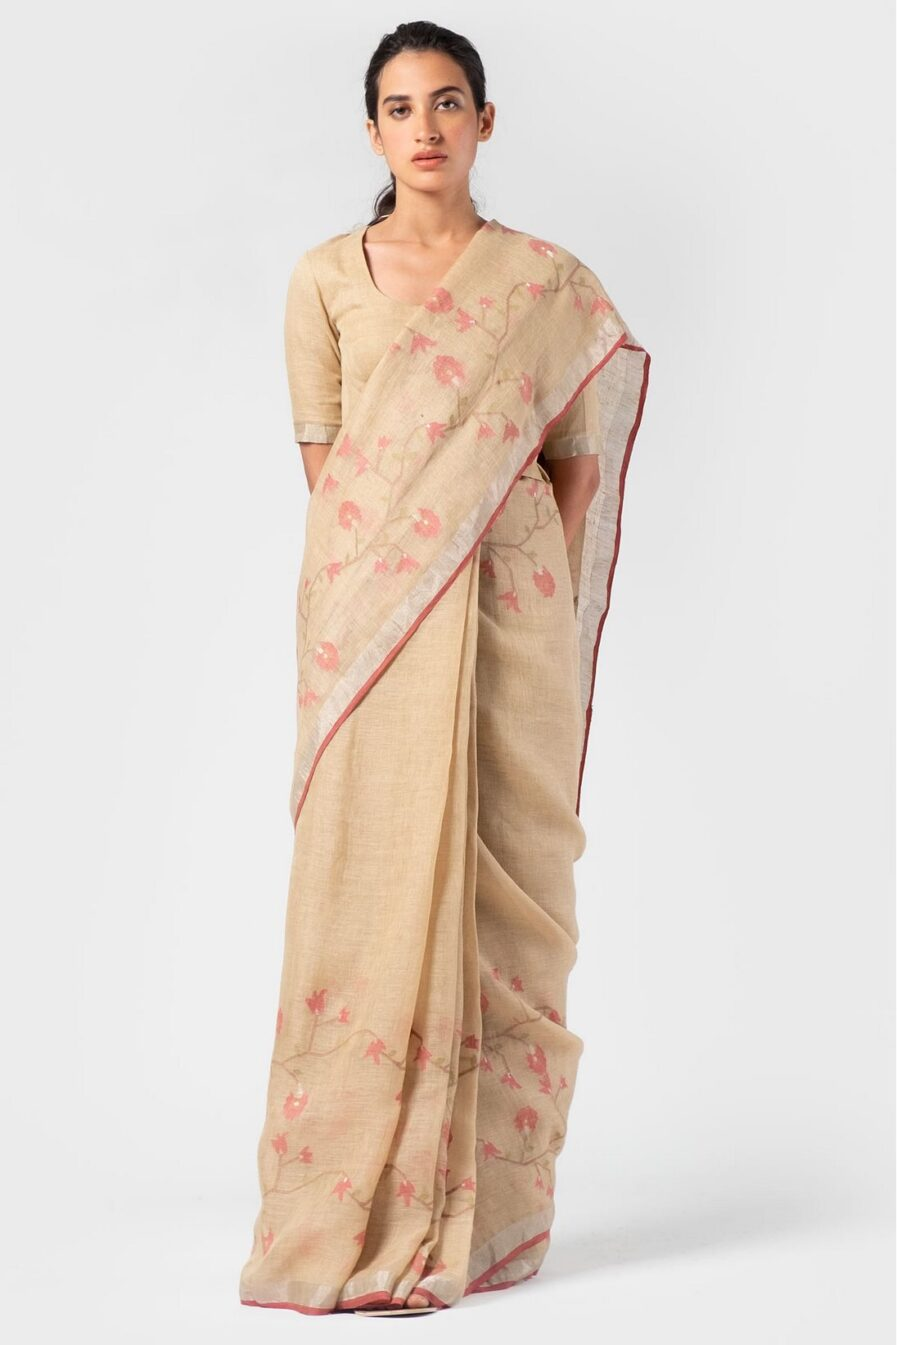 Aanavila French rose linen jamdani sari